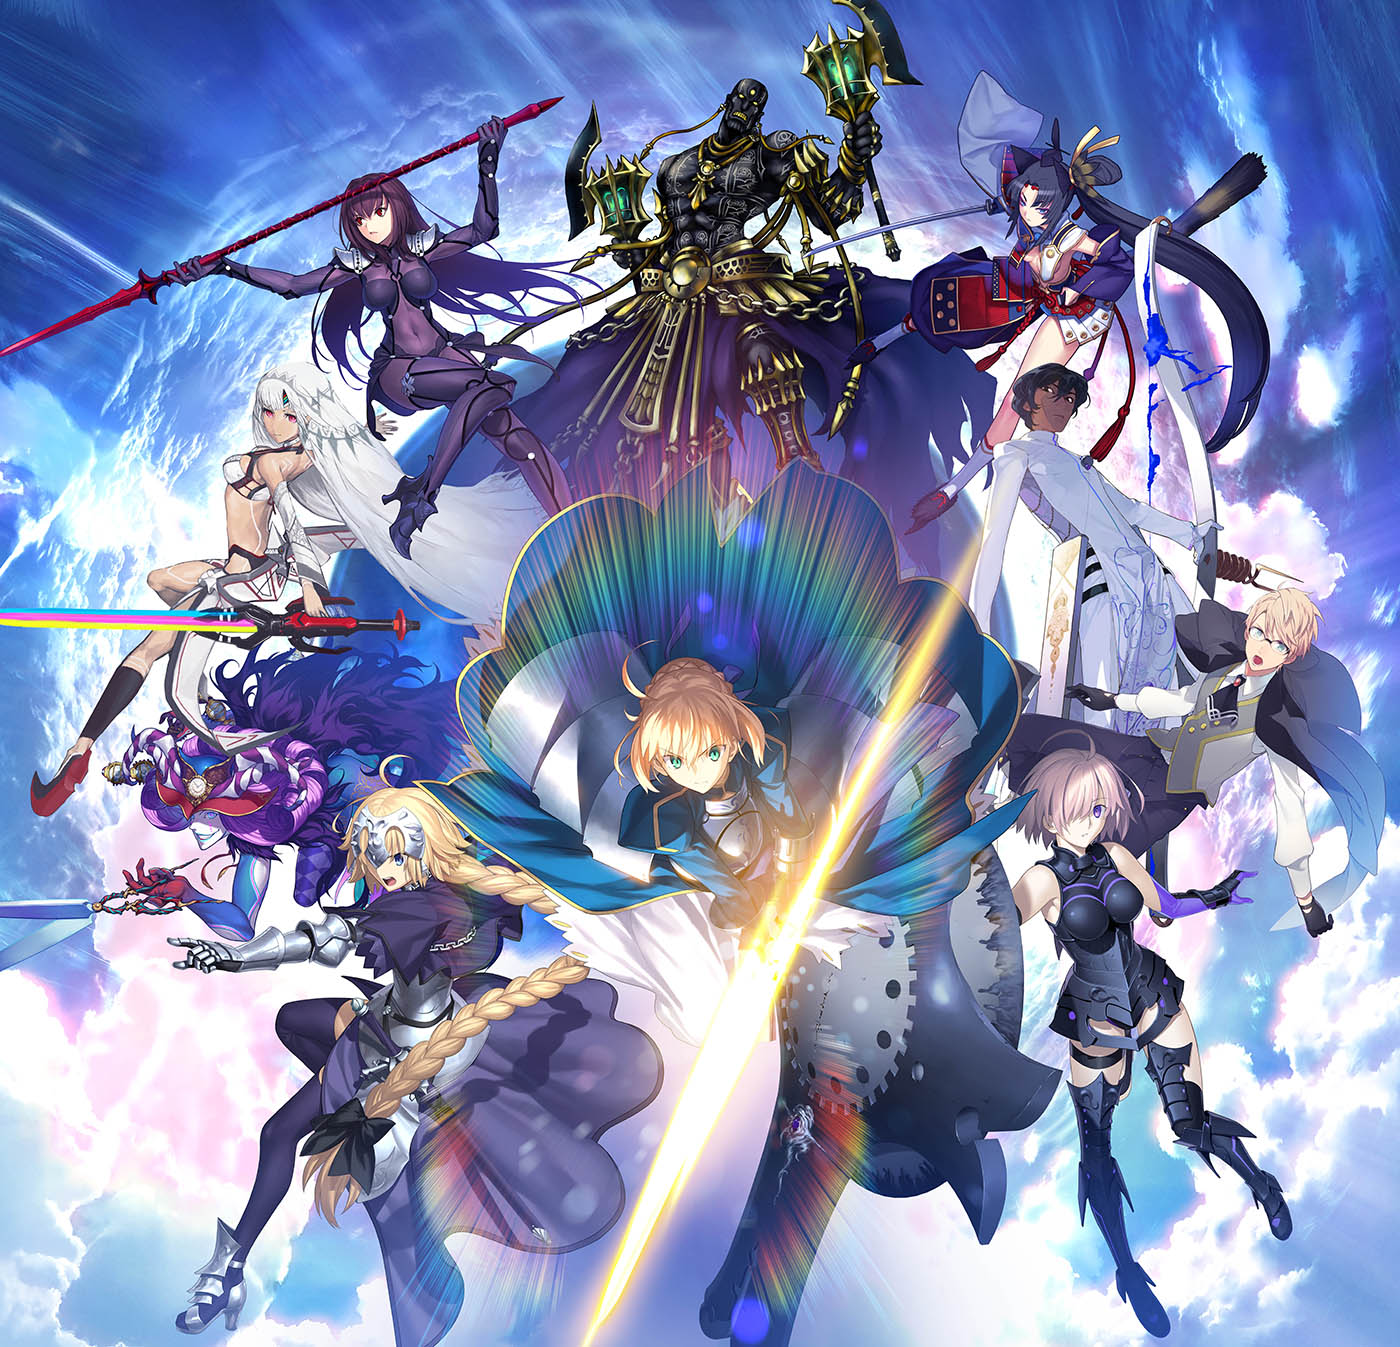 1. Fate/Grand Order